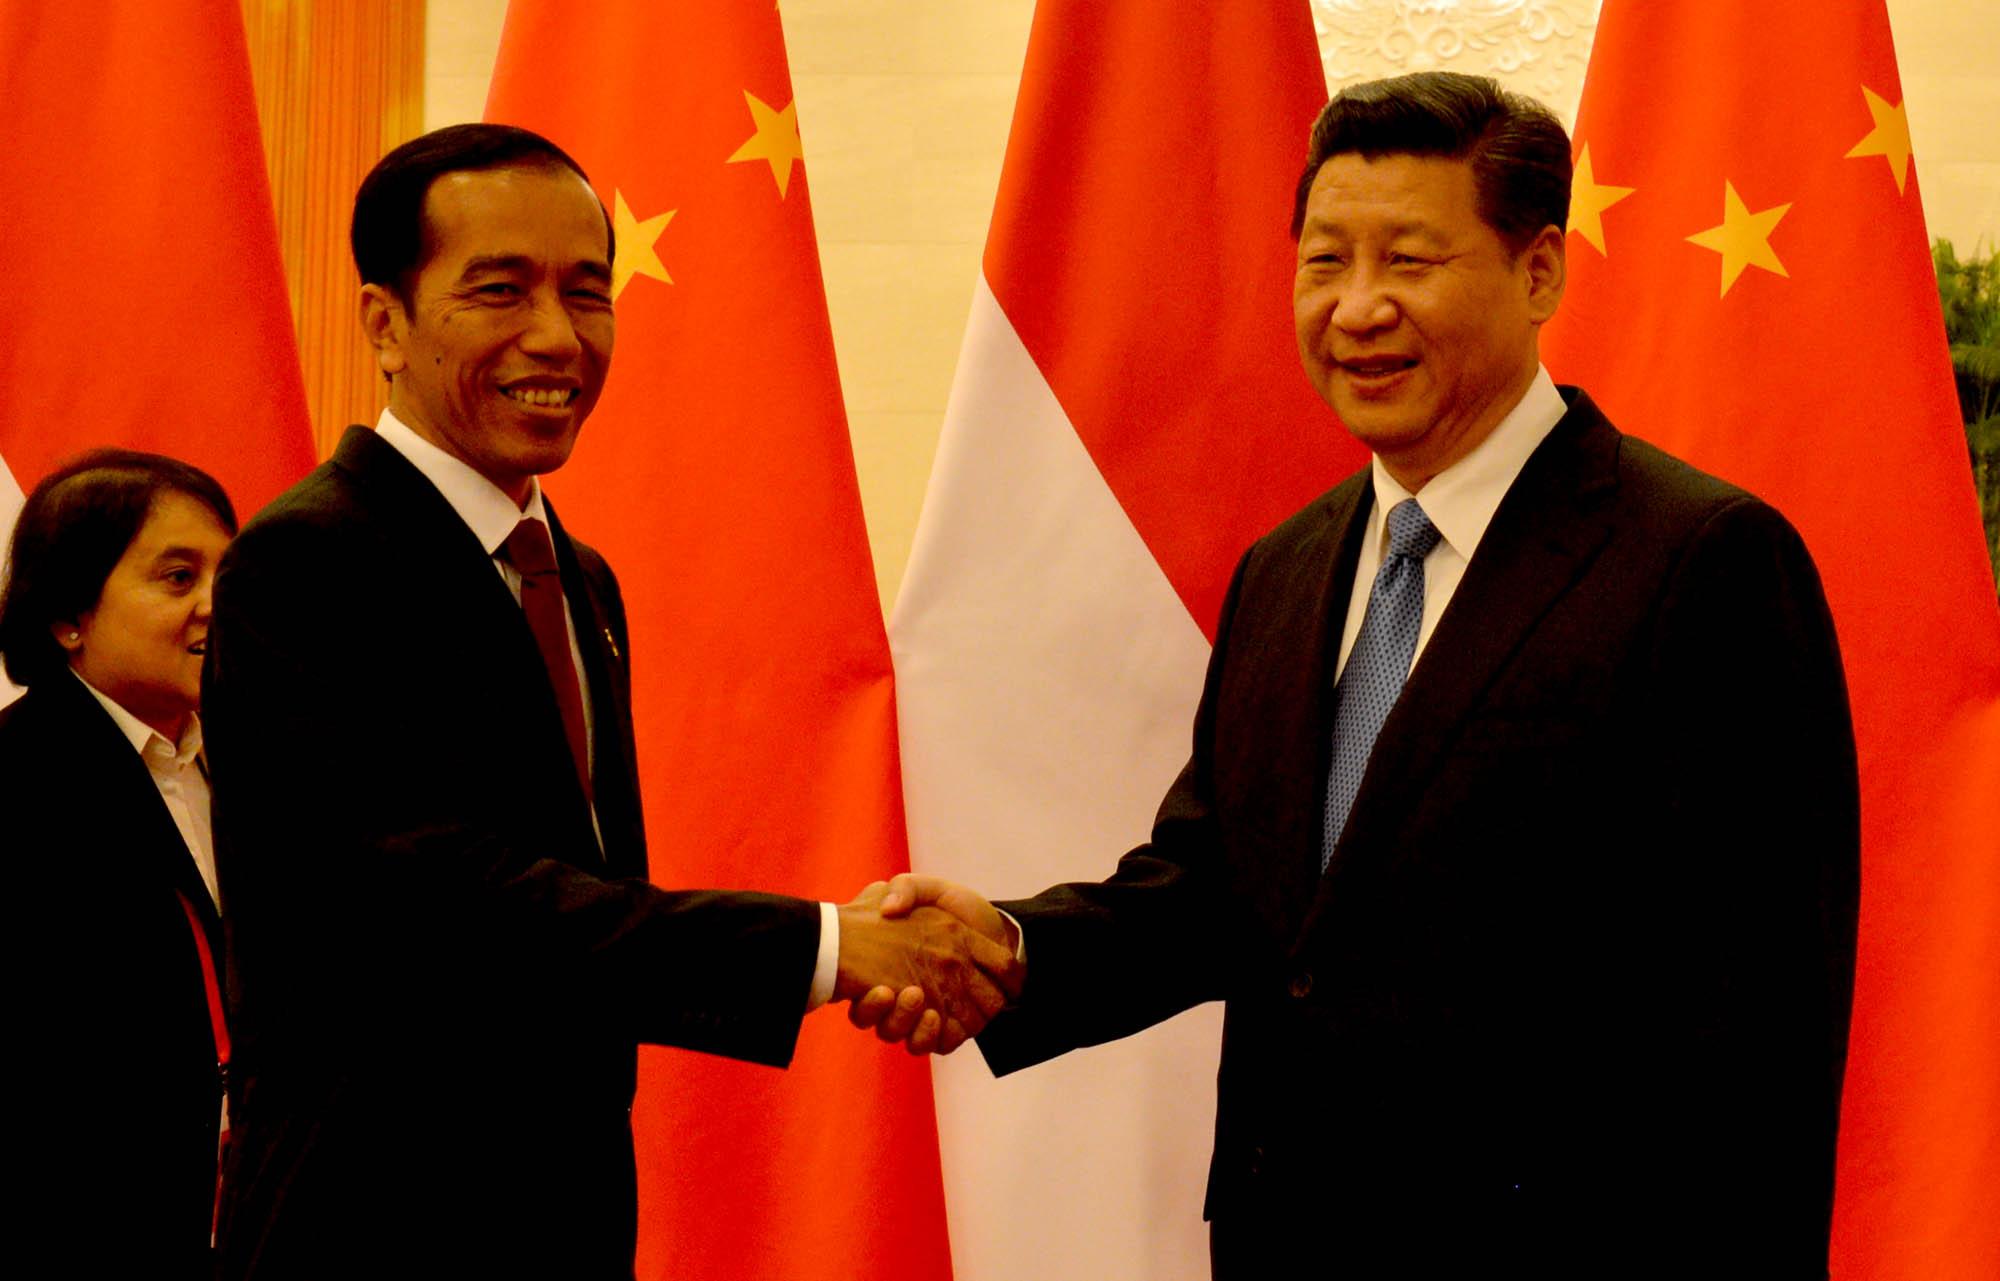 Mendukung Cina daripada Jepang atau Amerika